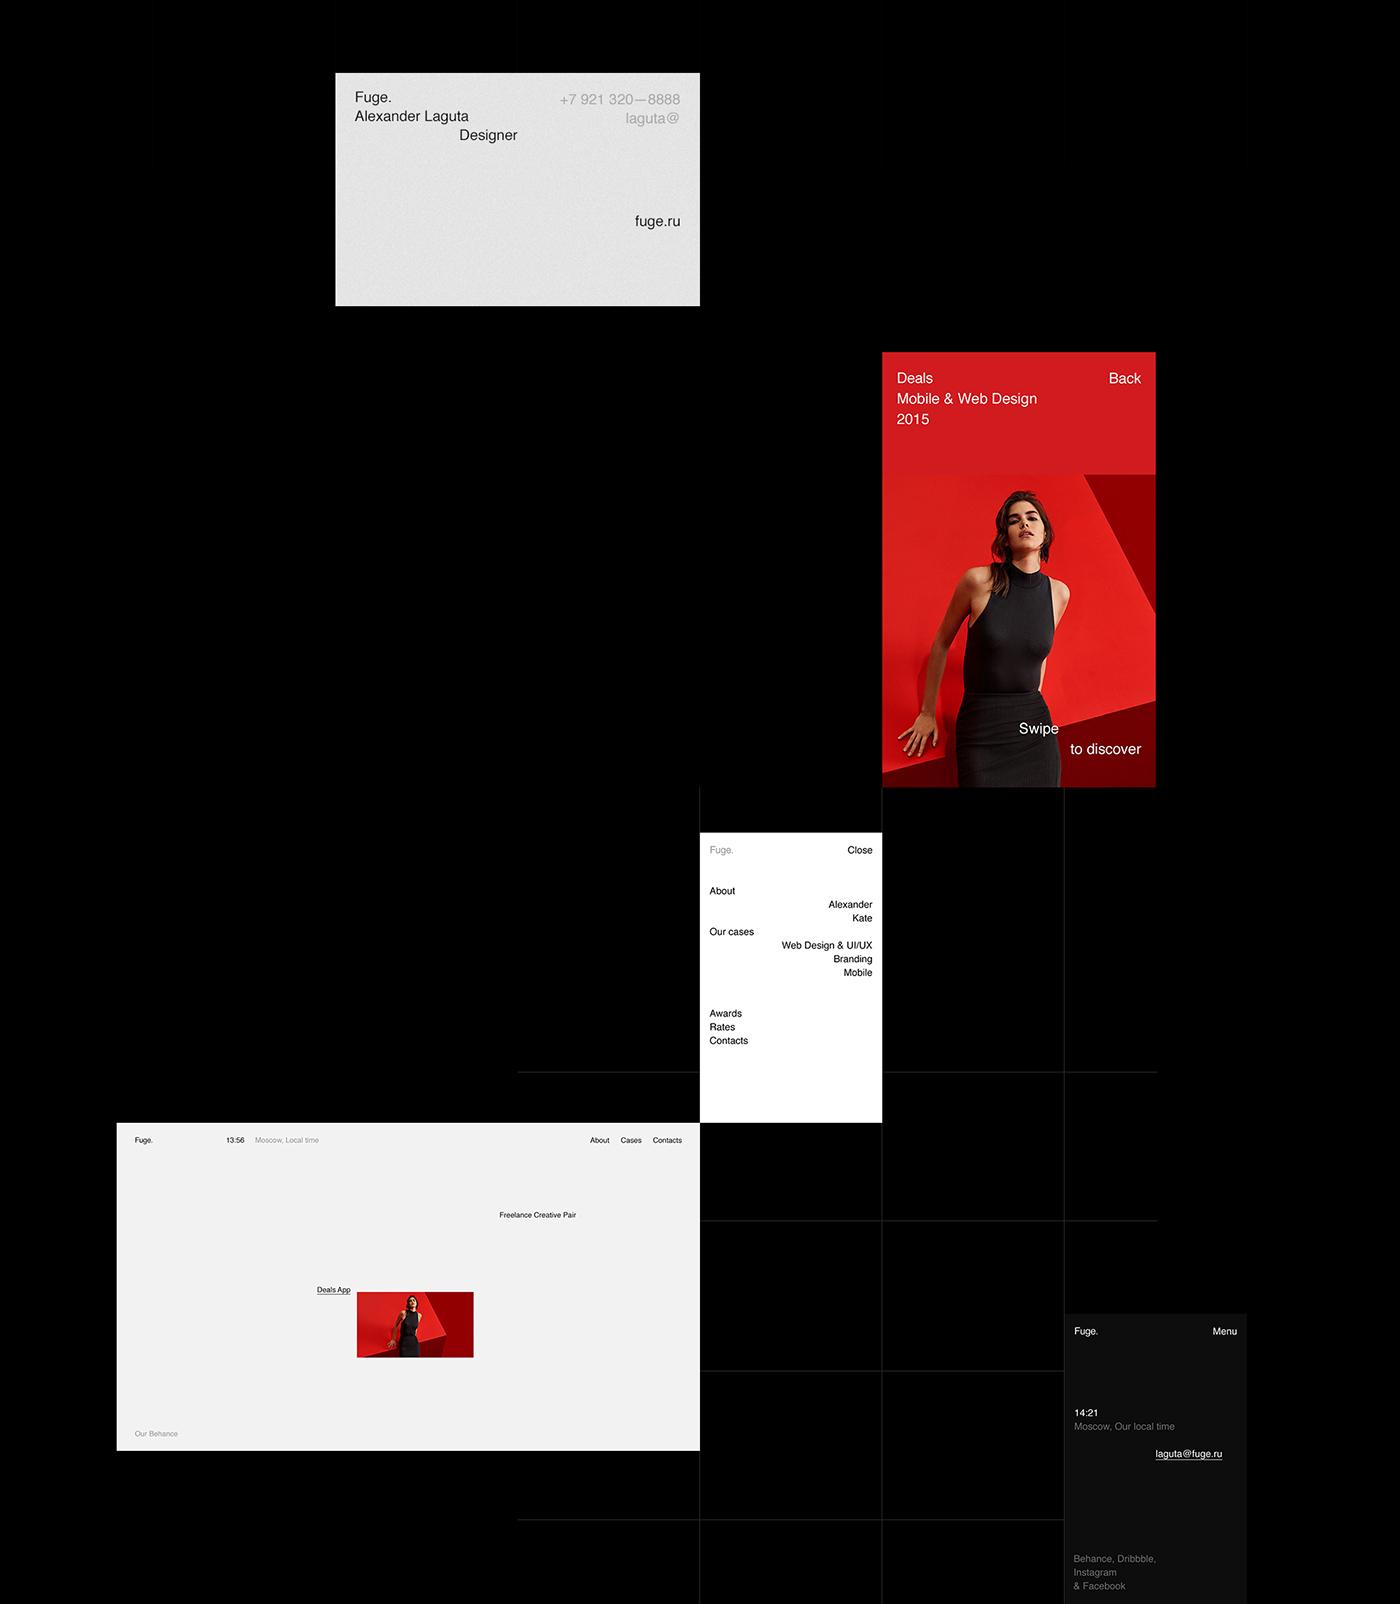 Grid Based Web Design for Fuge.